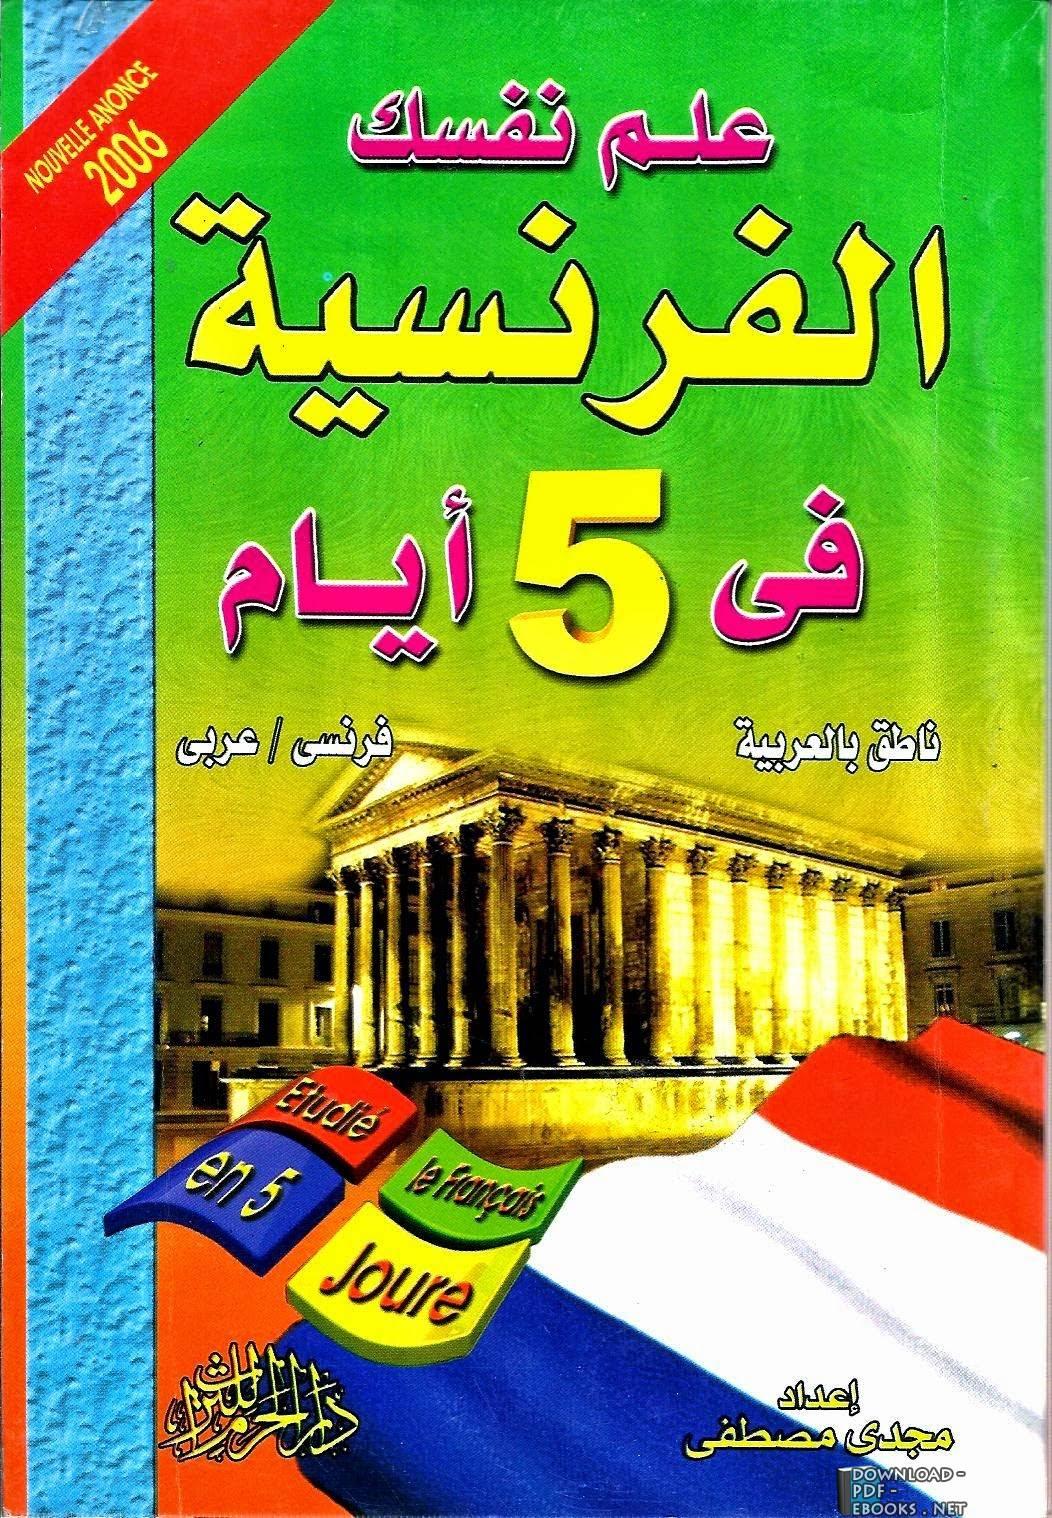 كتاب علم نفسك الفرنسية في 5 أيام لـ مجدي مصطفى.pdf